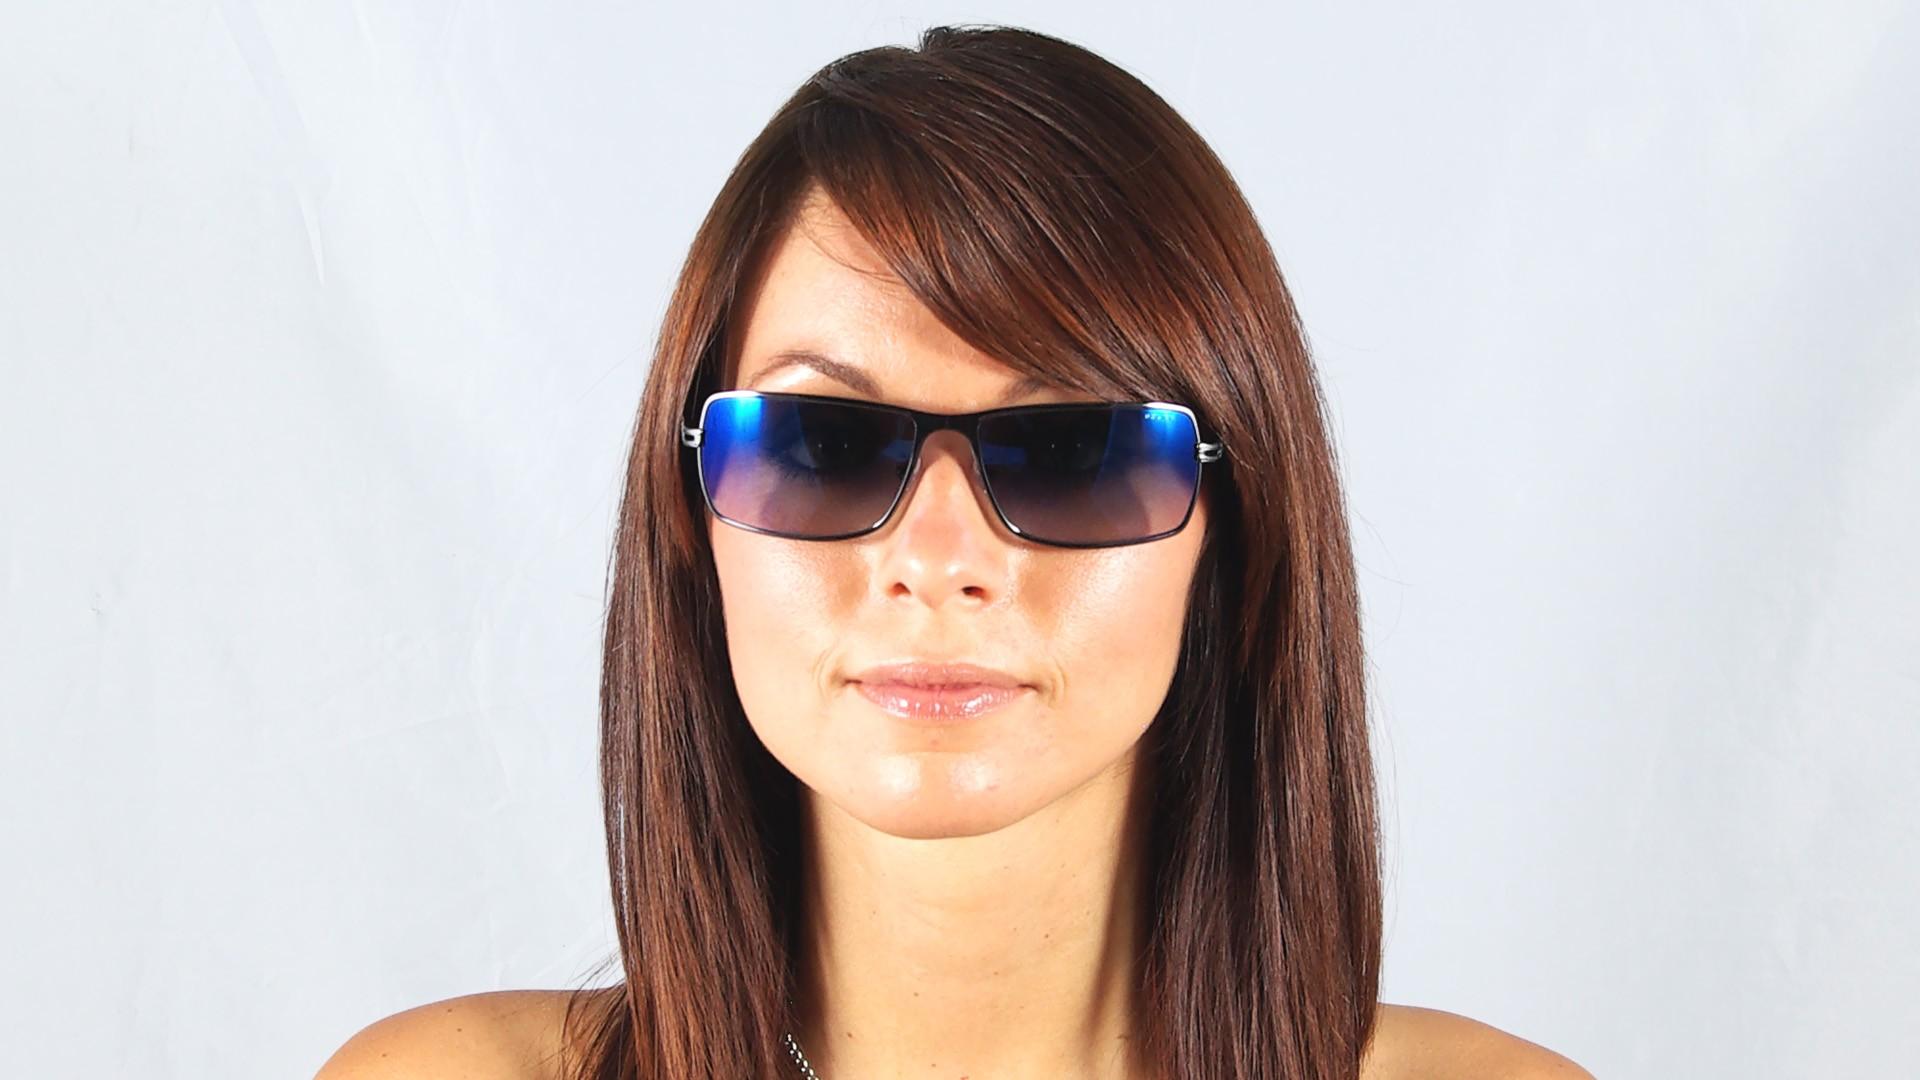 lunettes de soleil police s 8766 568b argent verres. Black Bedroom Furniture Sets. Home Design Ideas